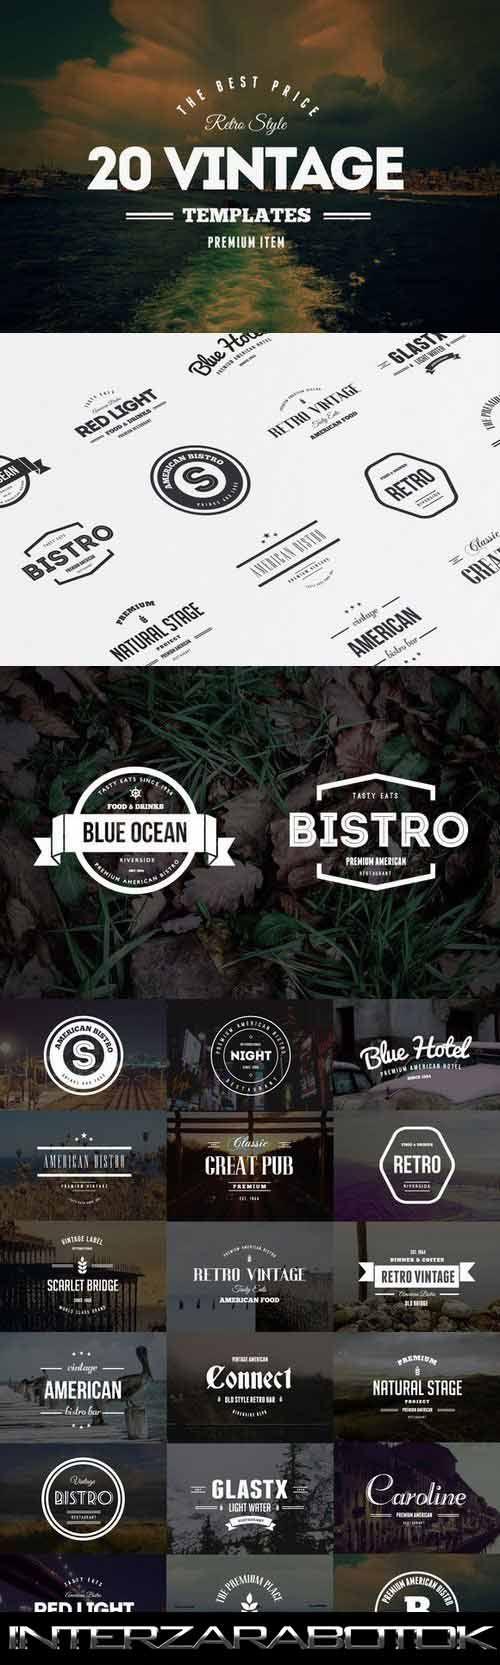 Винтажные Логотипы - 20 Vintage Logos & Badges Vol. 2